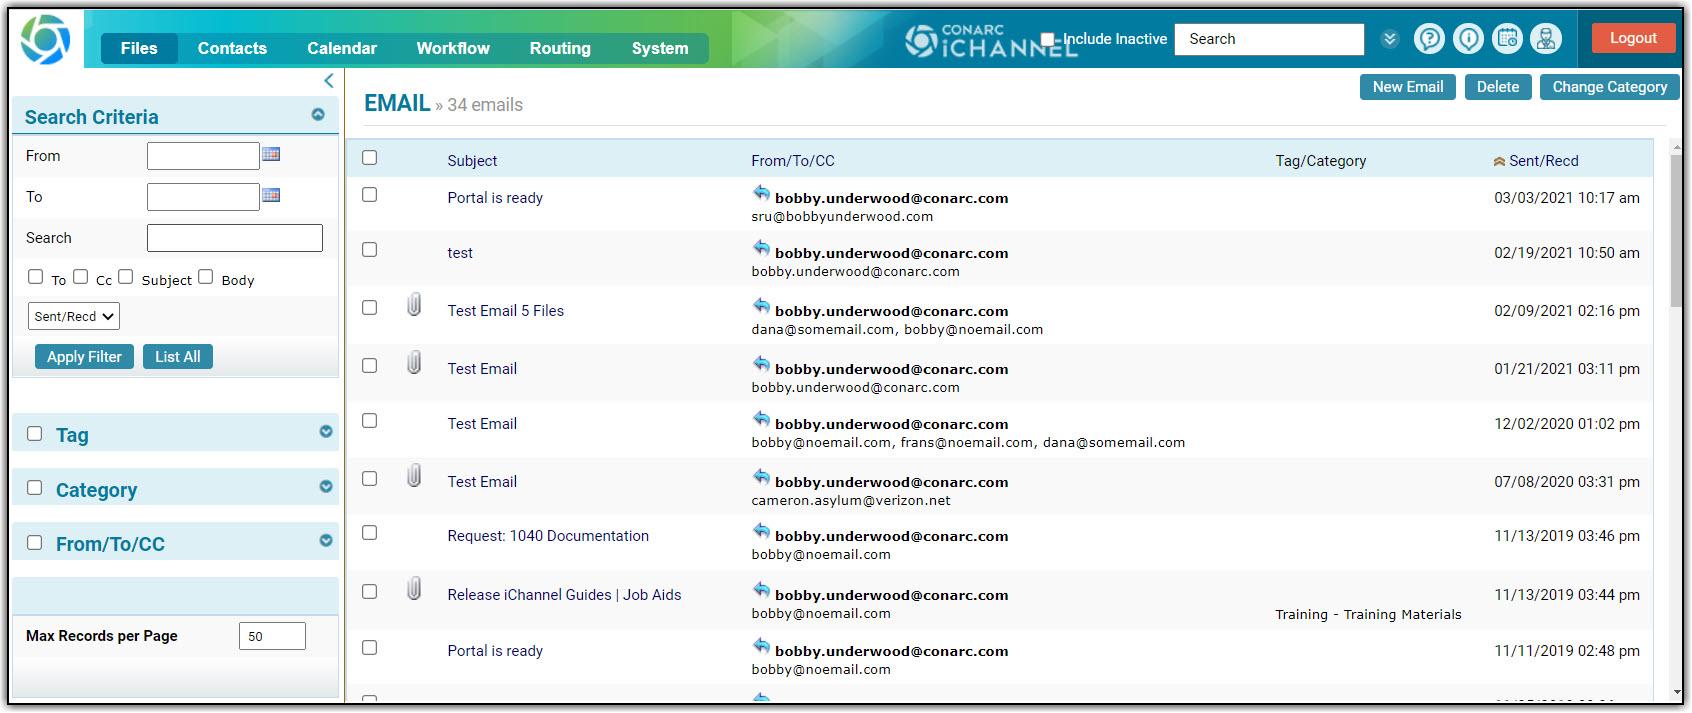 iChannel Email Management